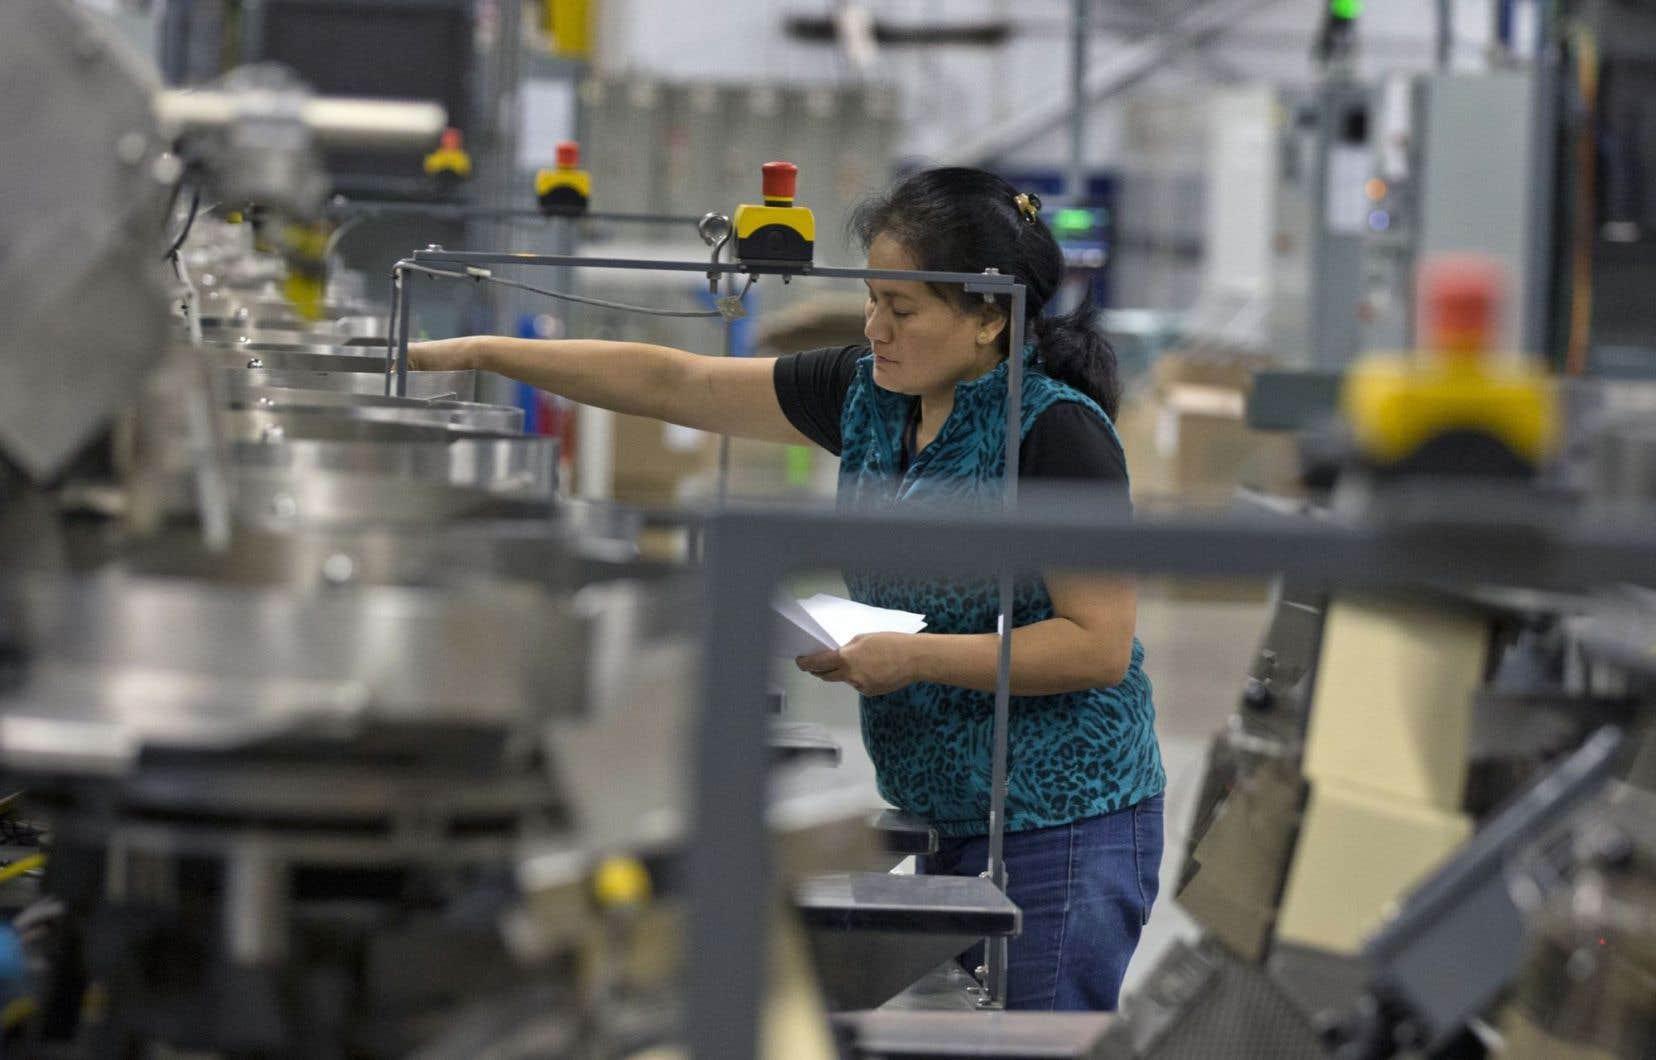 Le Québec compte quelque 7000 entreprises d'économie sociale, qui procurent du travail à plus de 150 000 personnes.